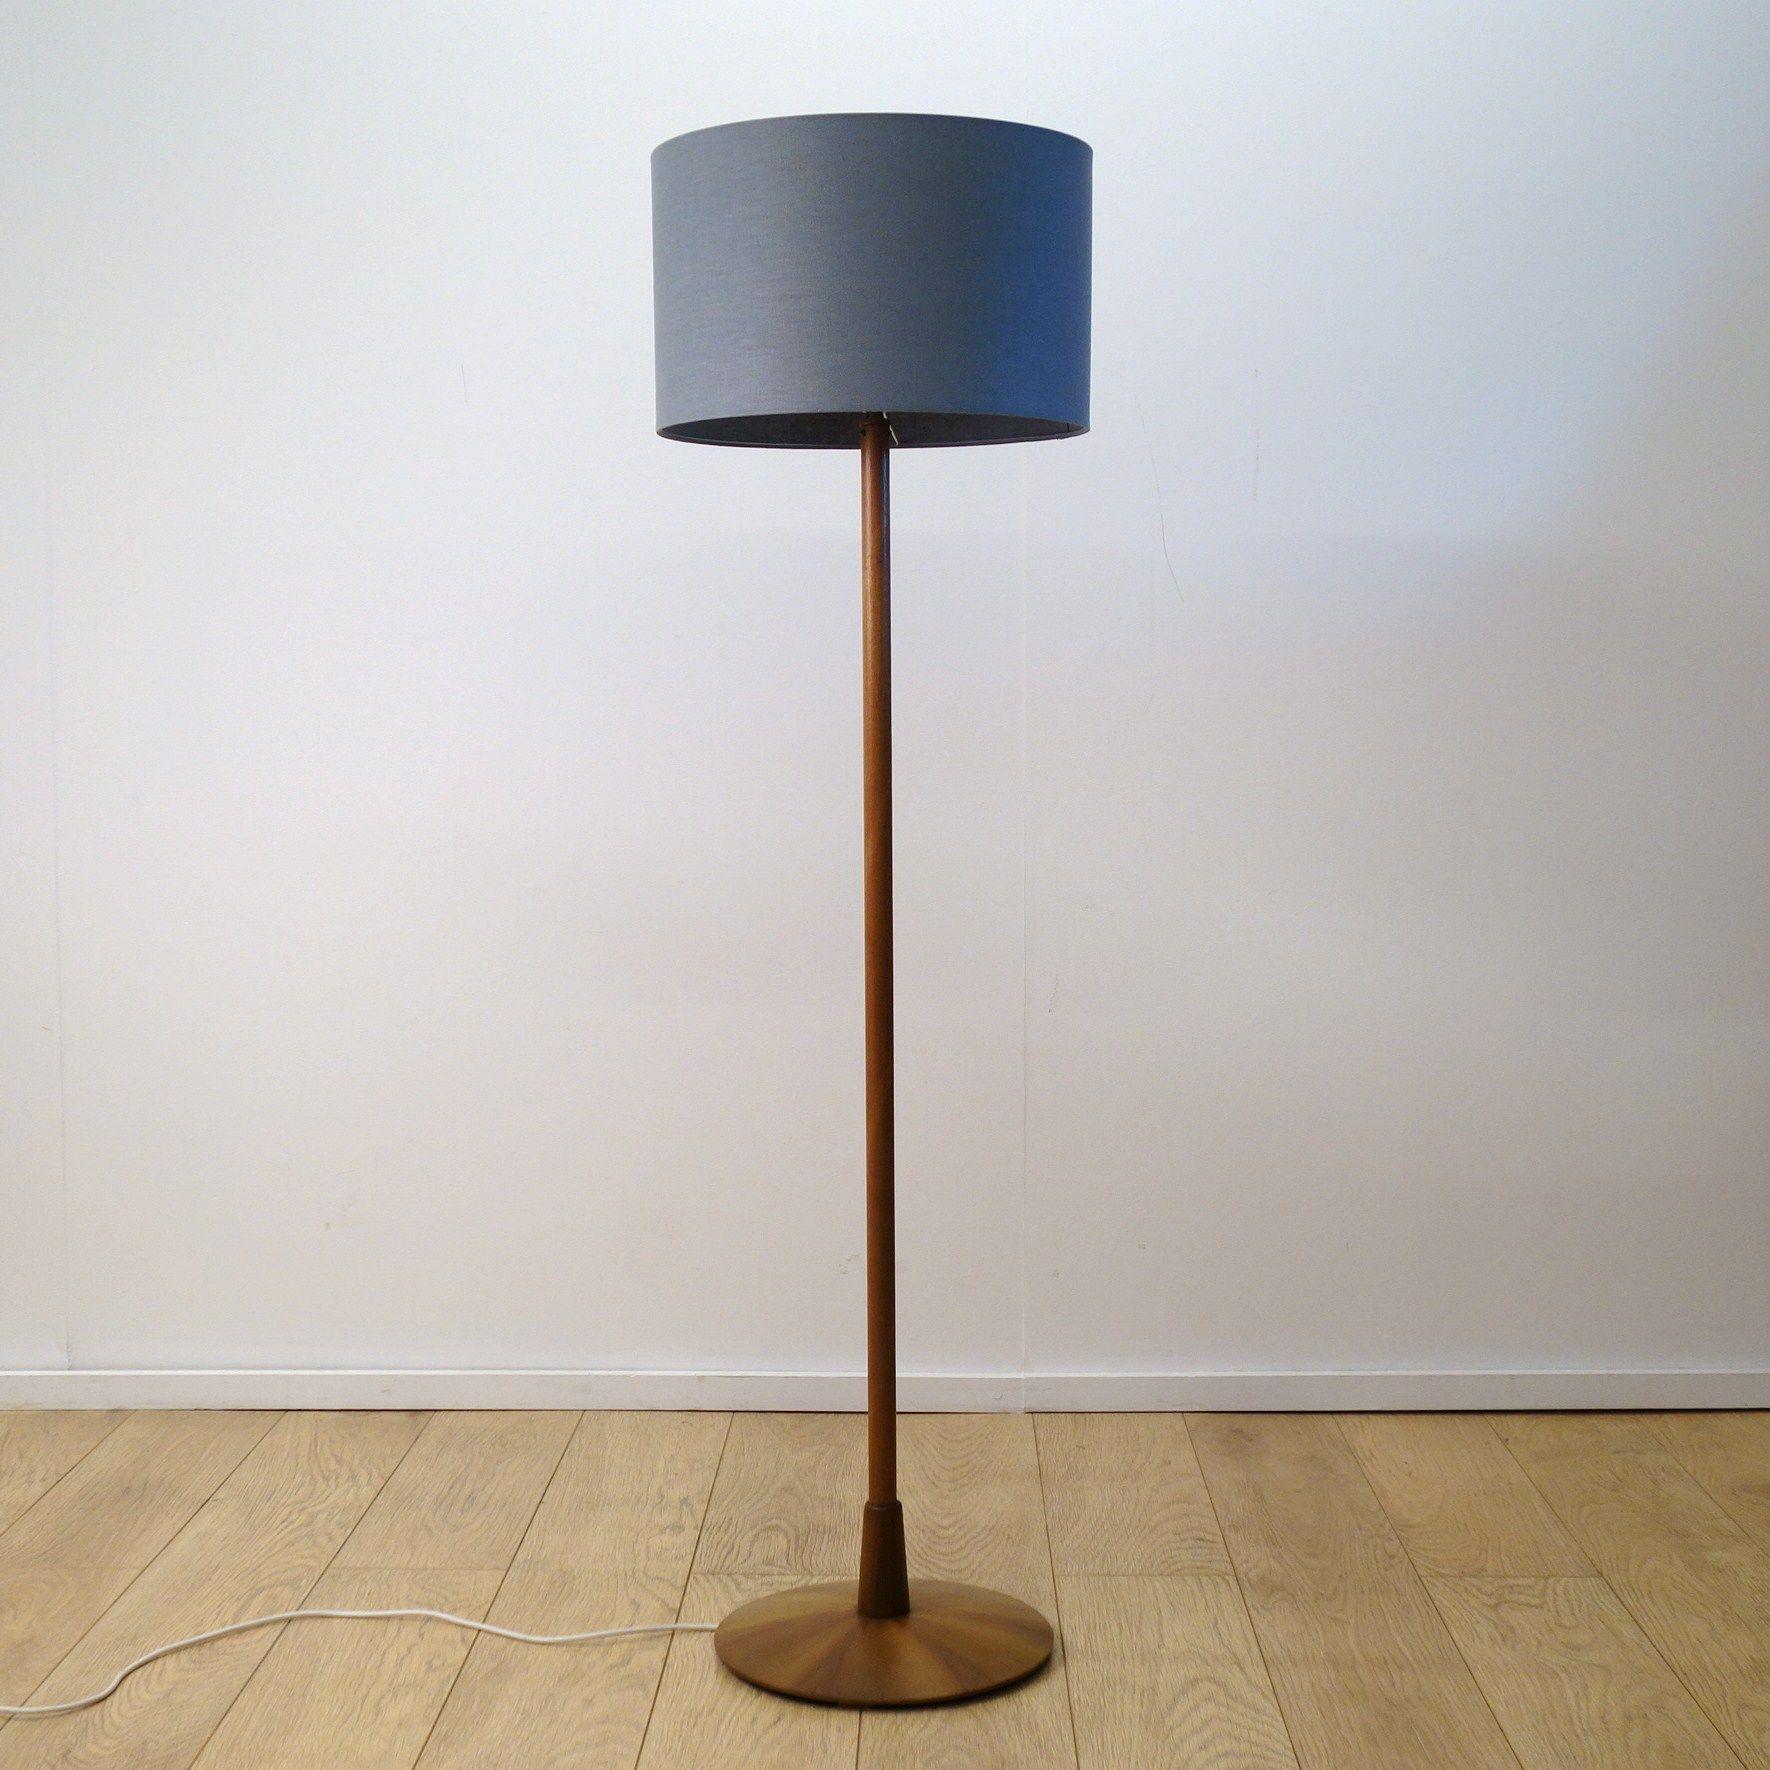 Buy retro 1950s 1960s teak standard lamp from mark parrish for Interior lighting design standards